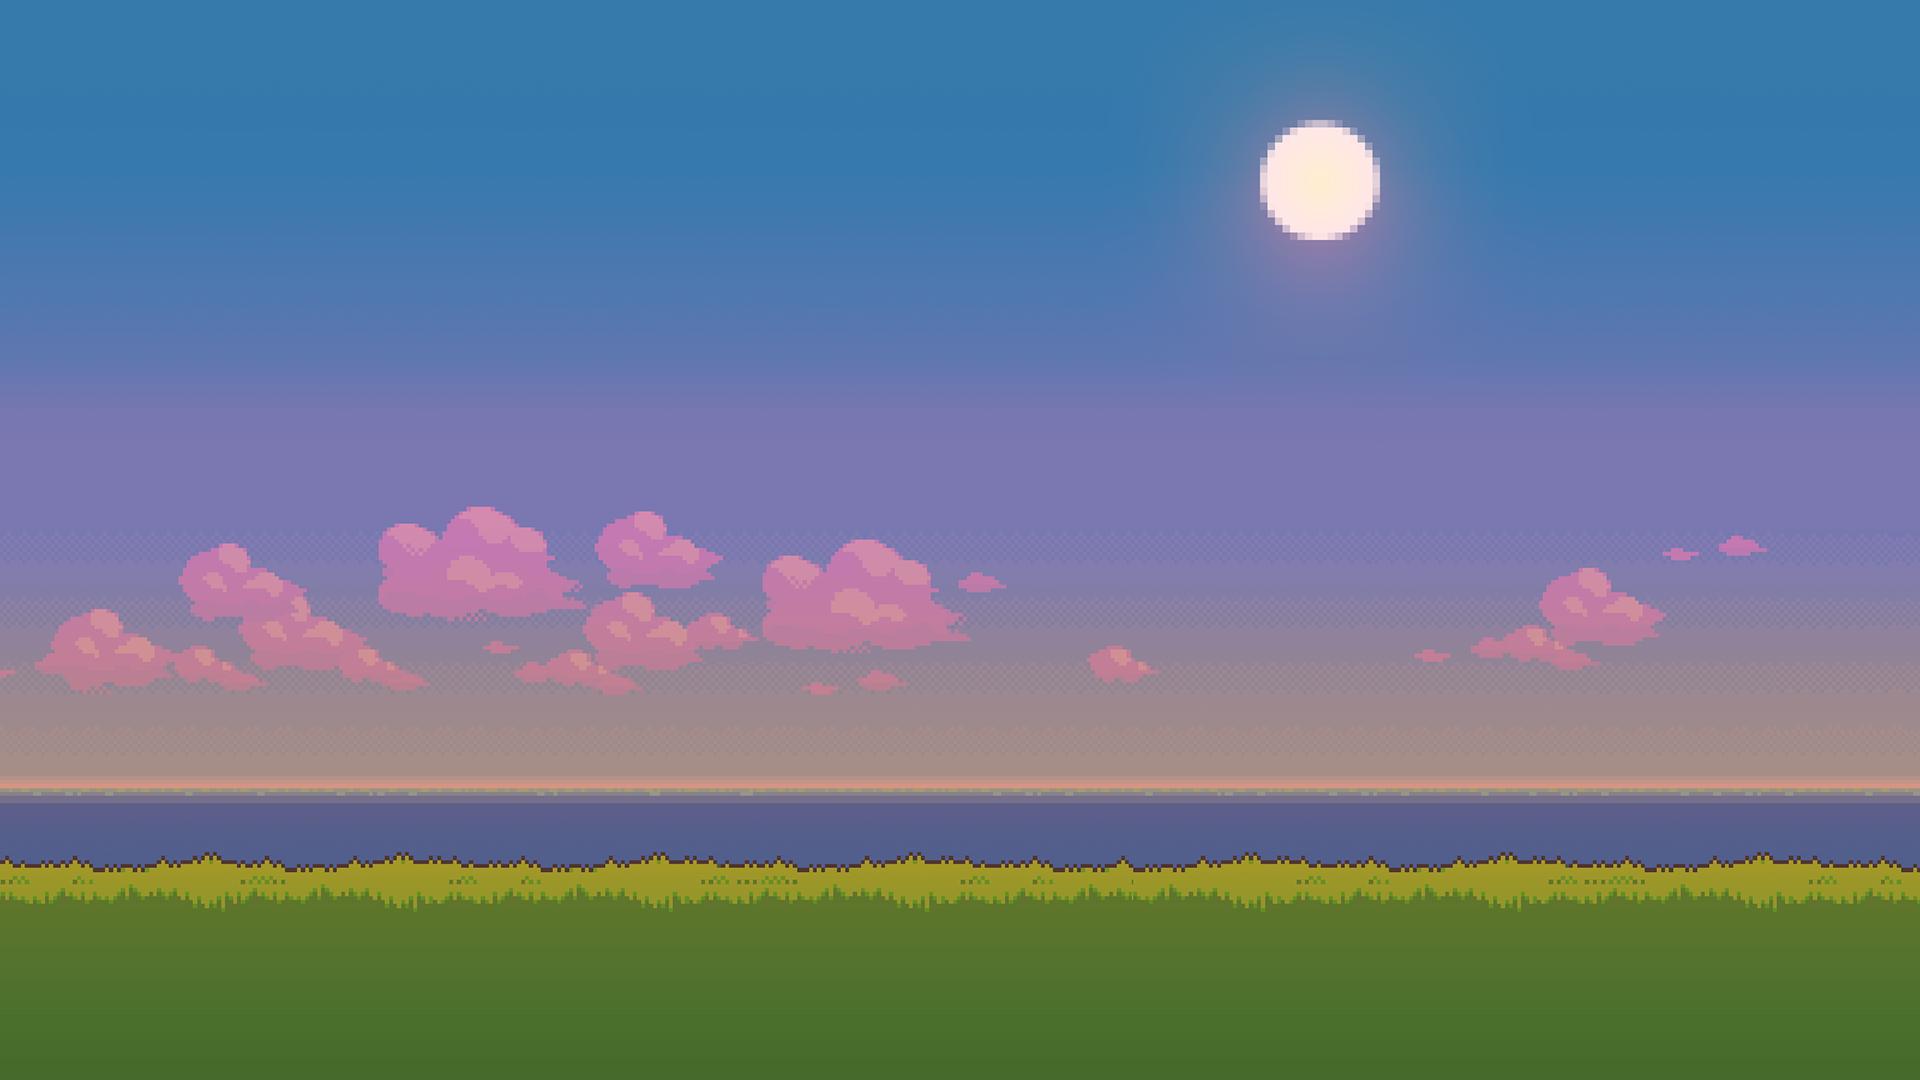 Pixel Art Landscapes Album On Imgur Pixel Art Landscape Pixel Art Background Pixel Art